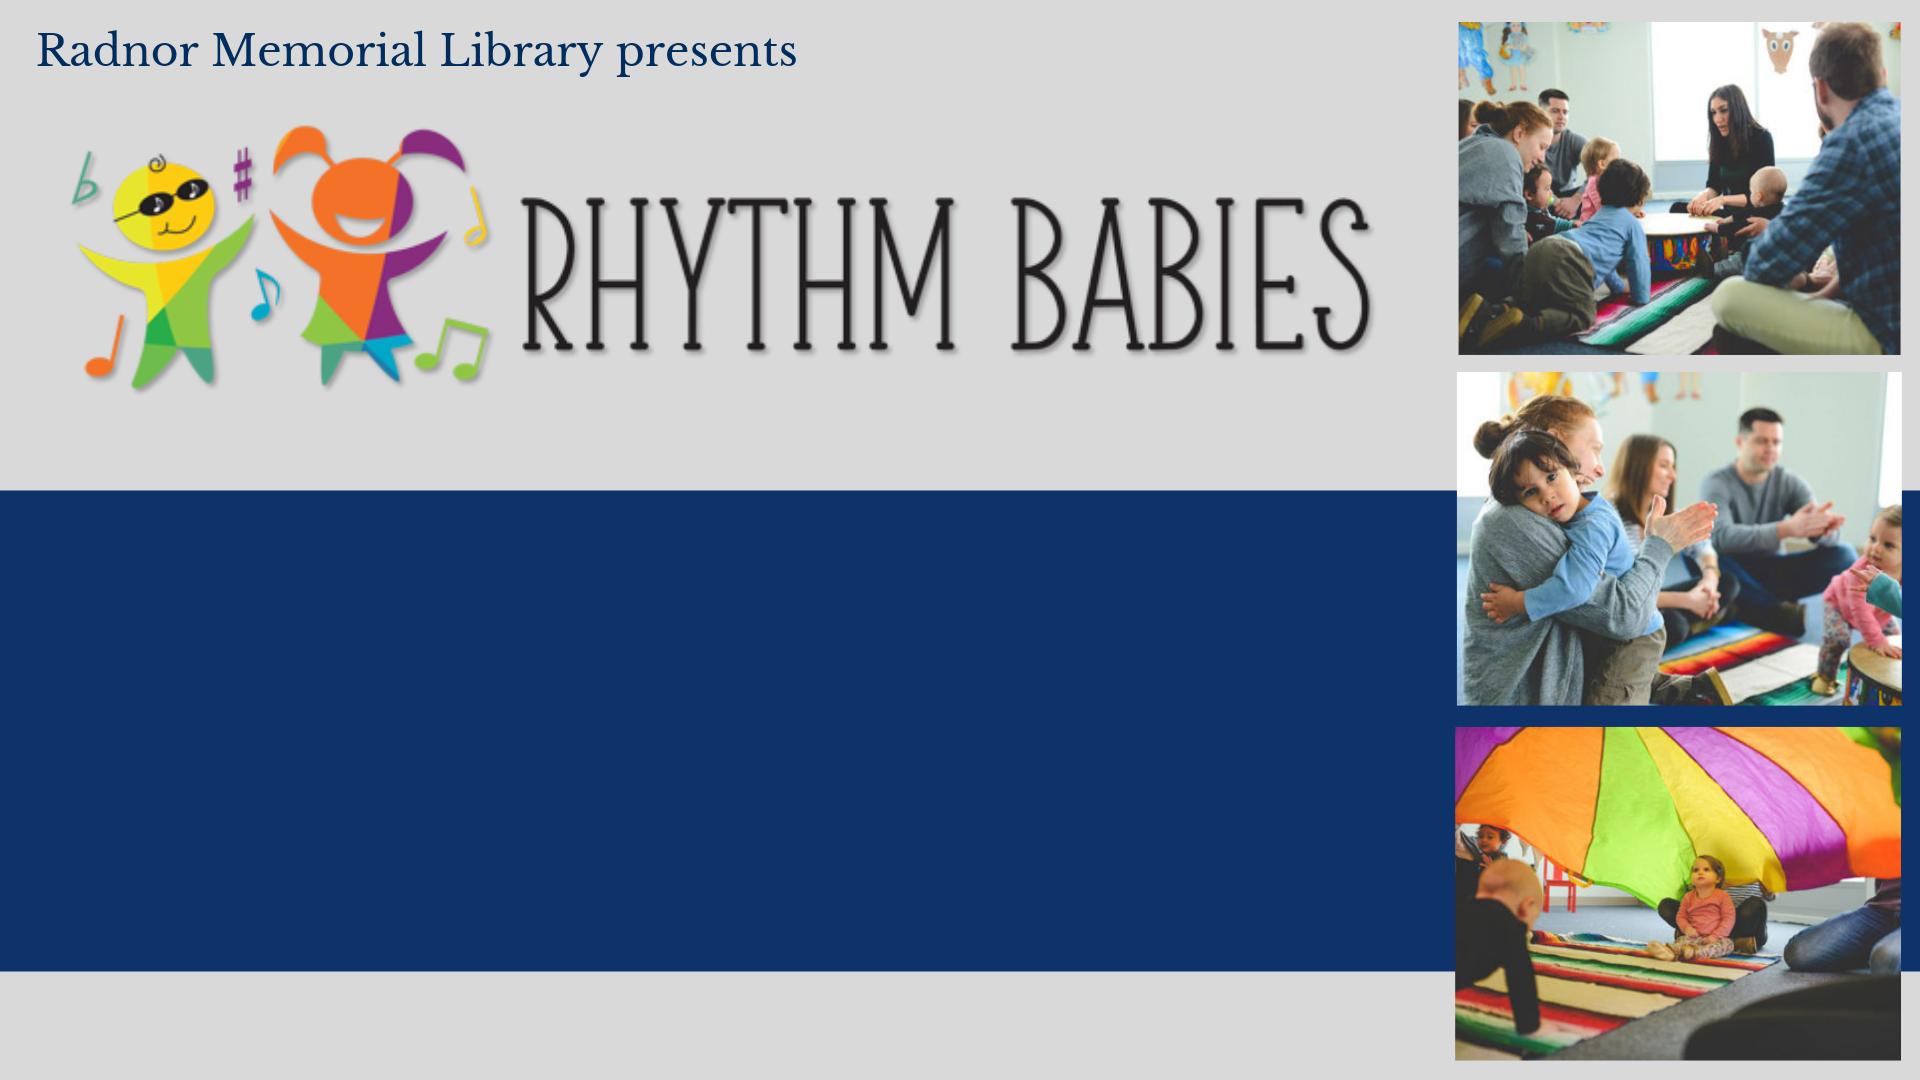 Rhythm Babies